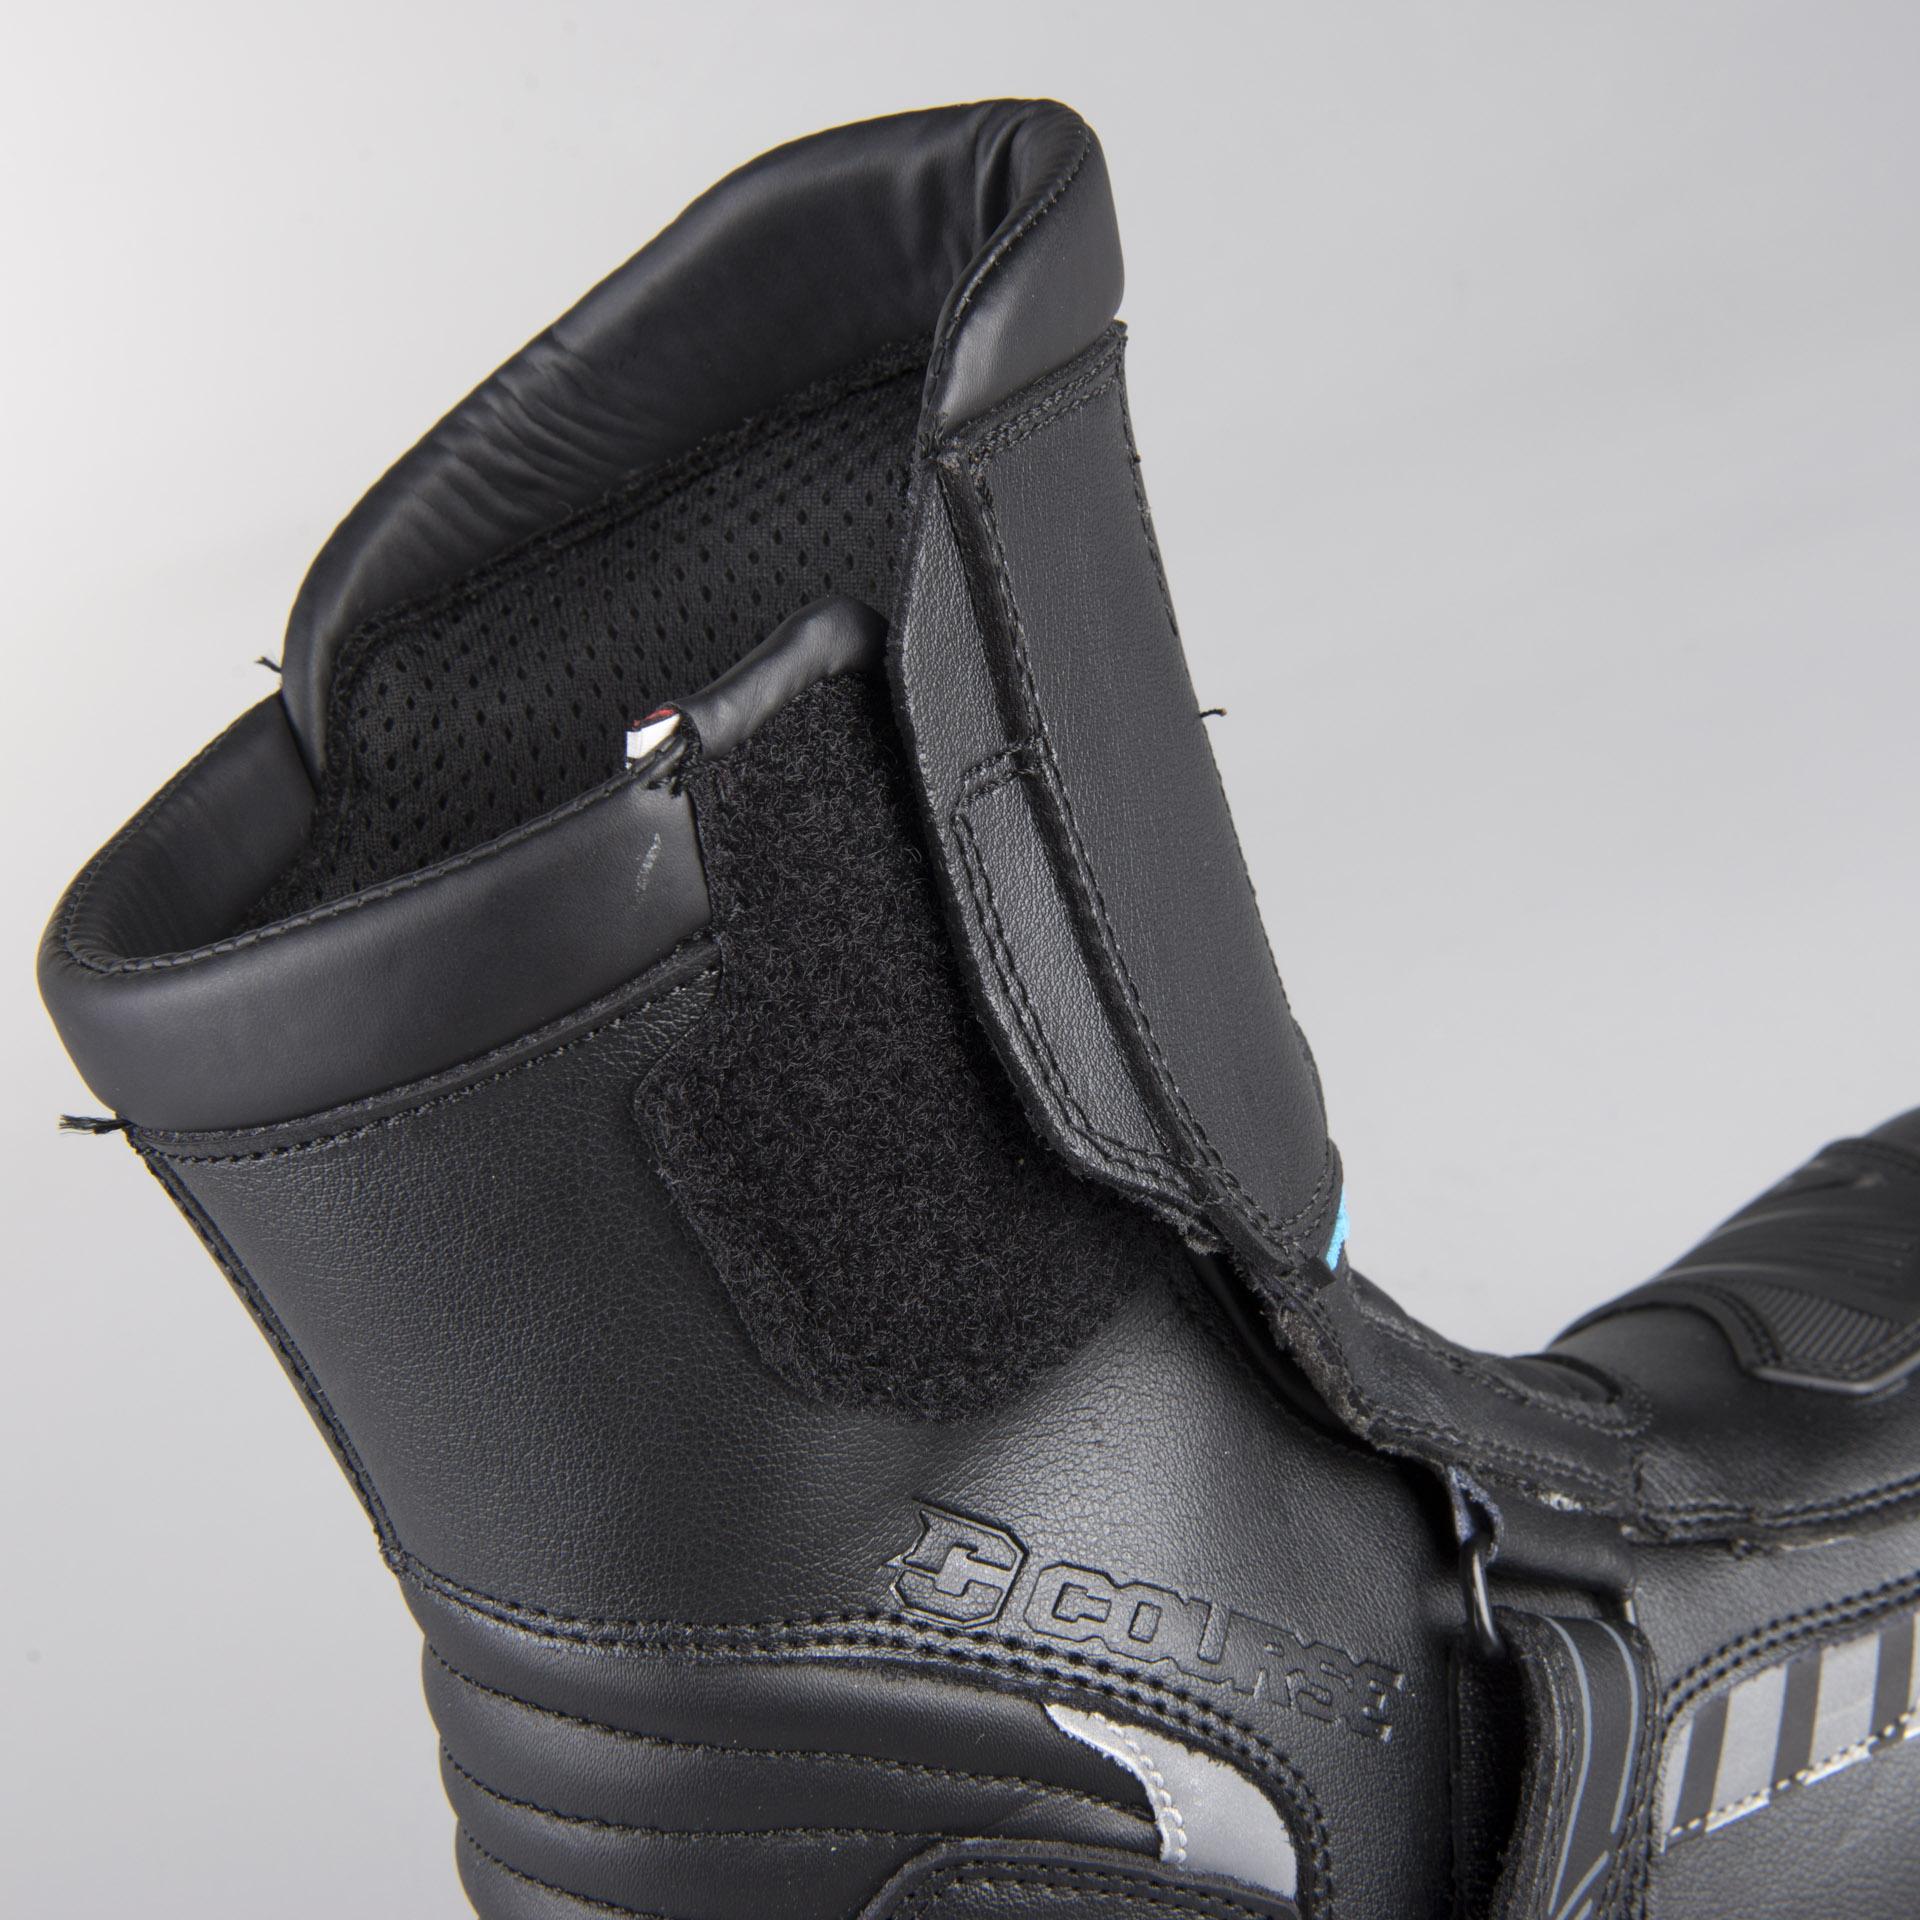 Stivali Moto Course High Tour Nero Adesso 42% di risparmio